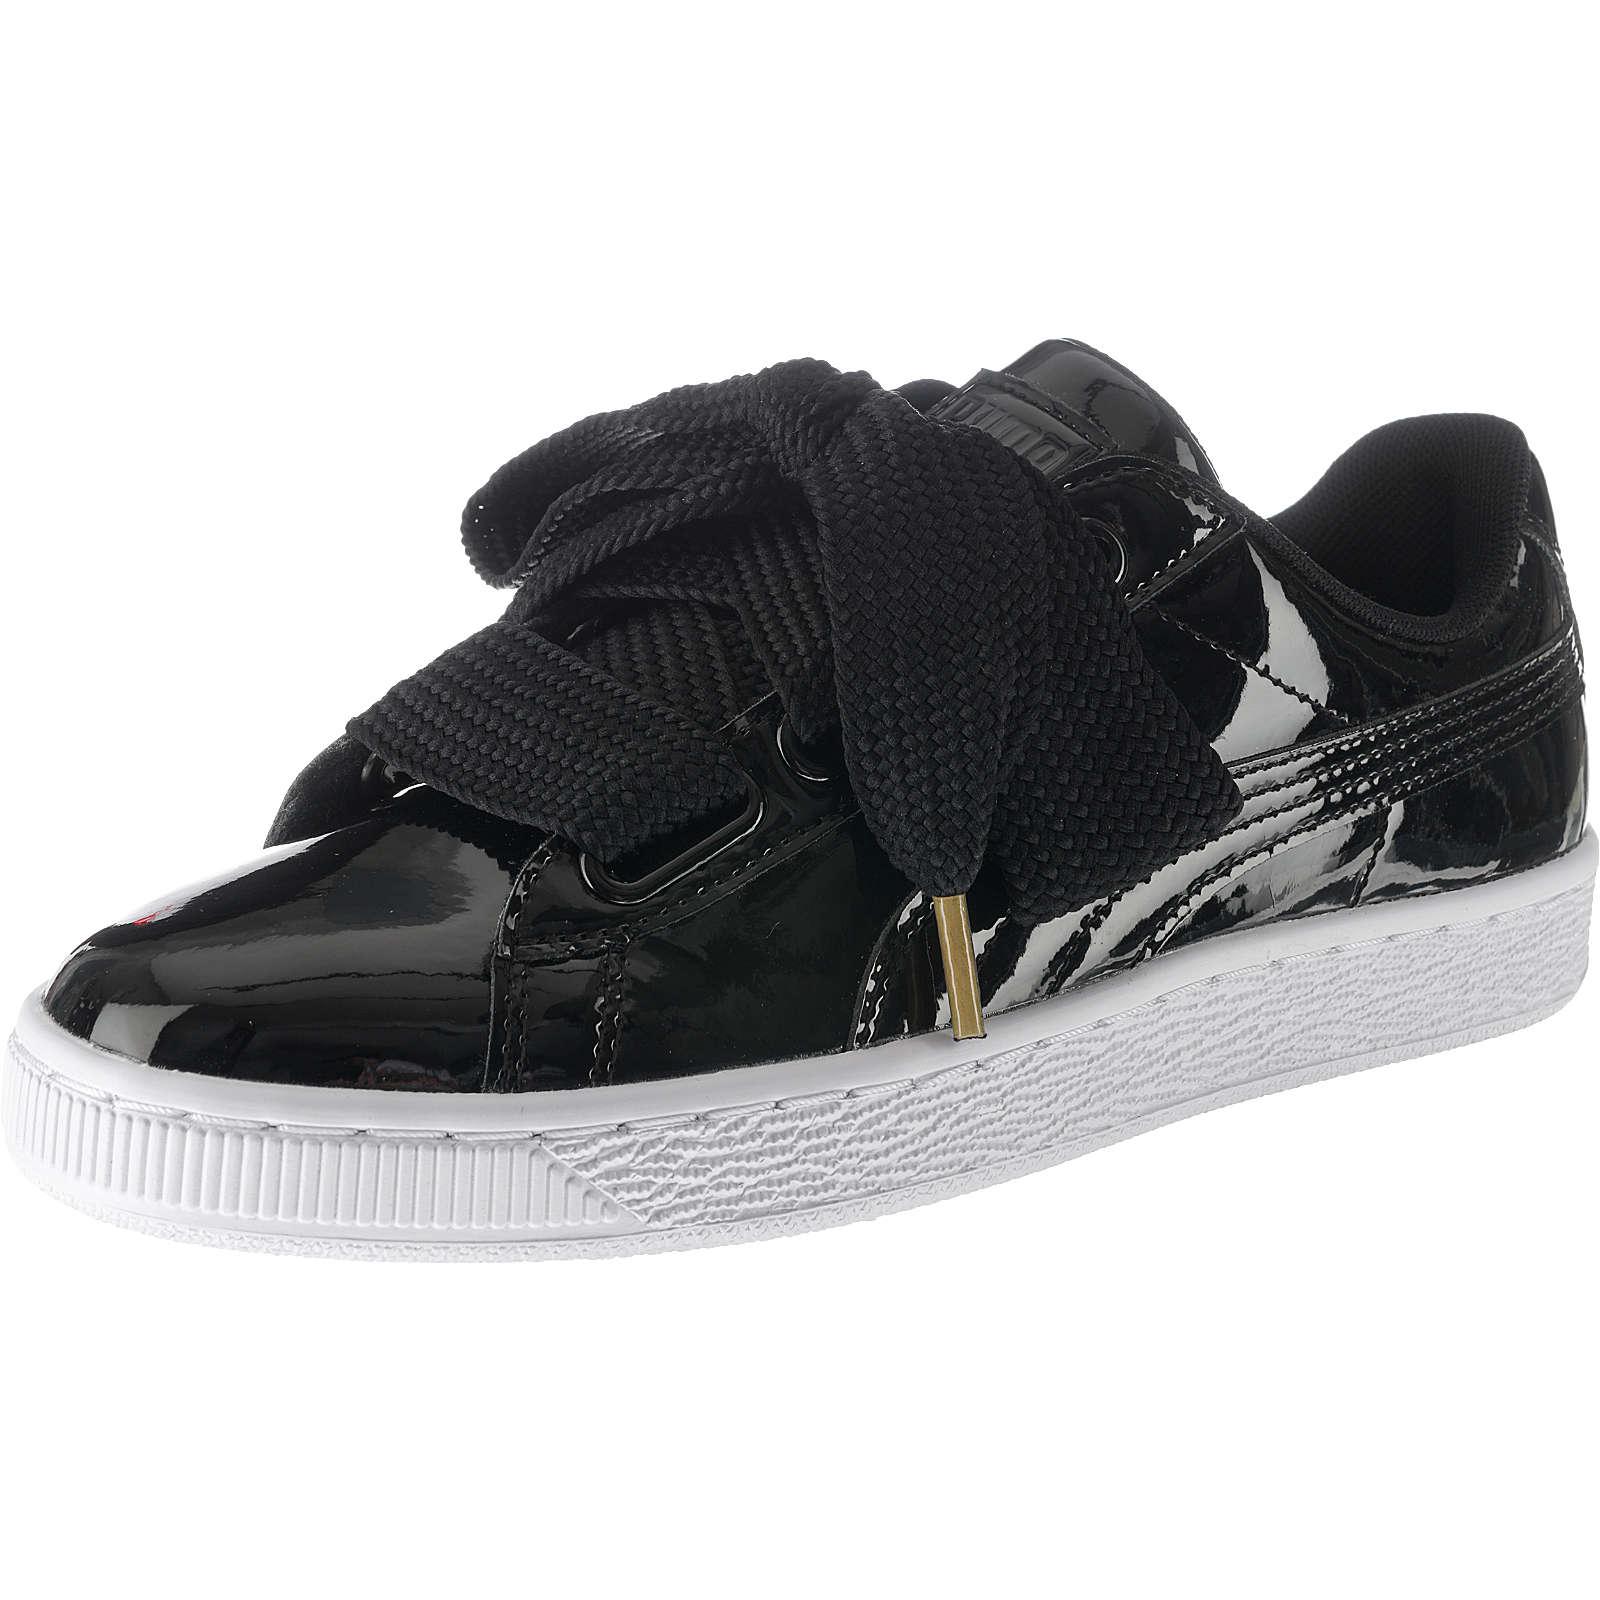 PUMA Basket Heart Patent Sneakers schwarz Damen Gr. 37